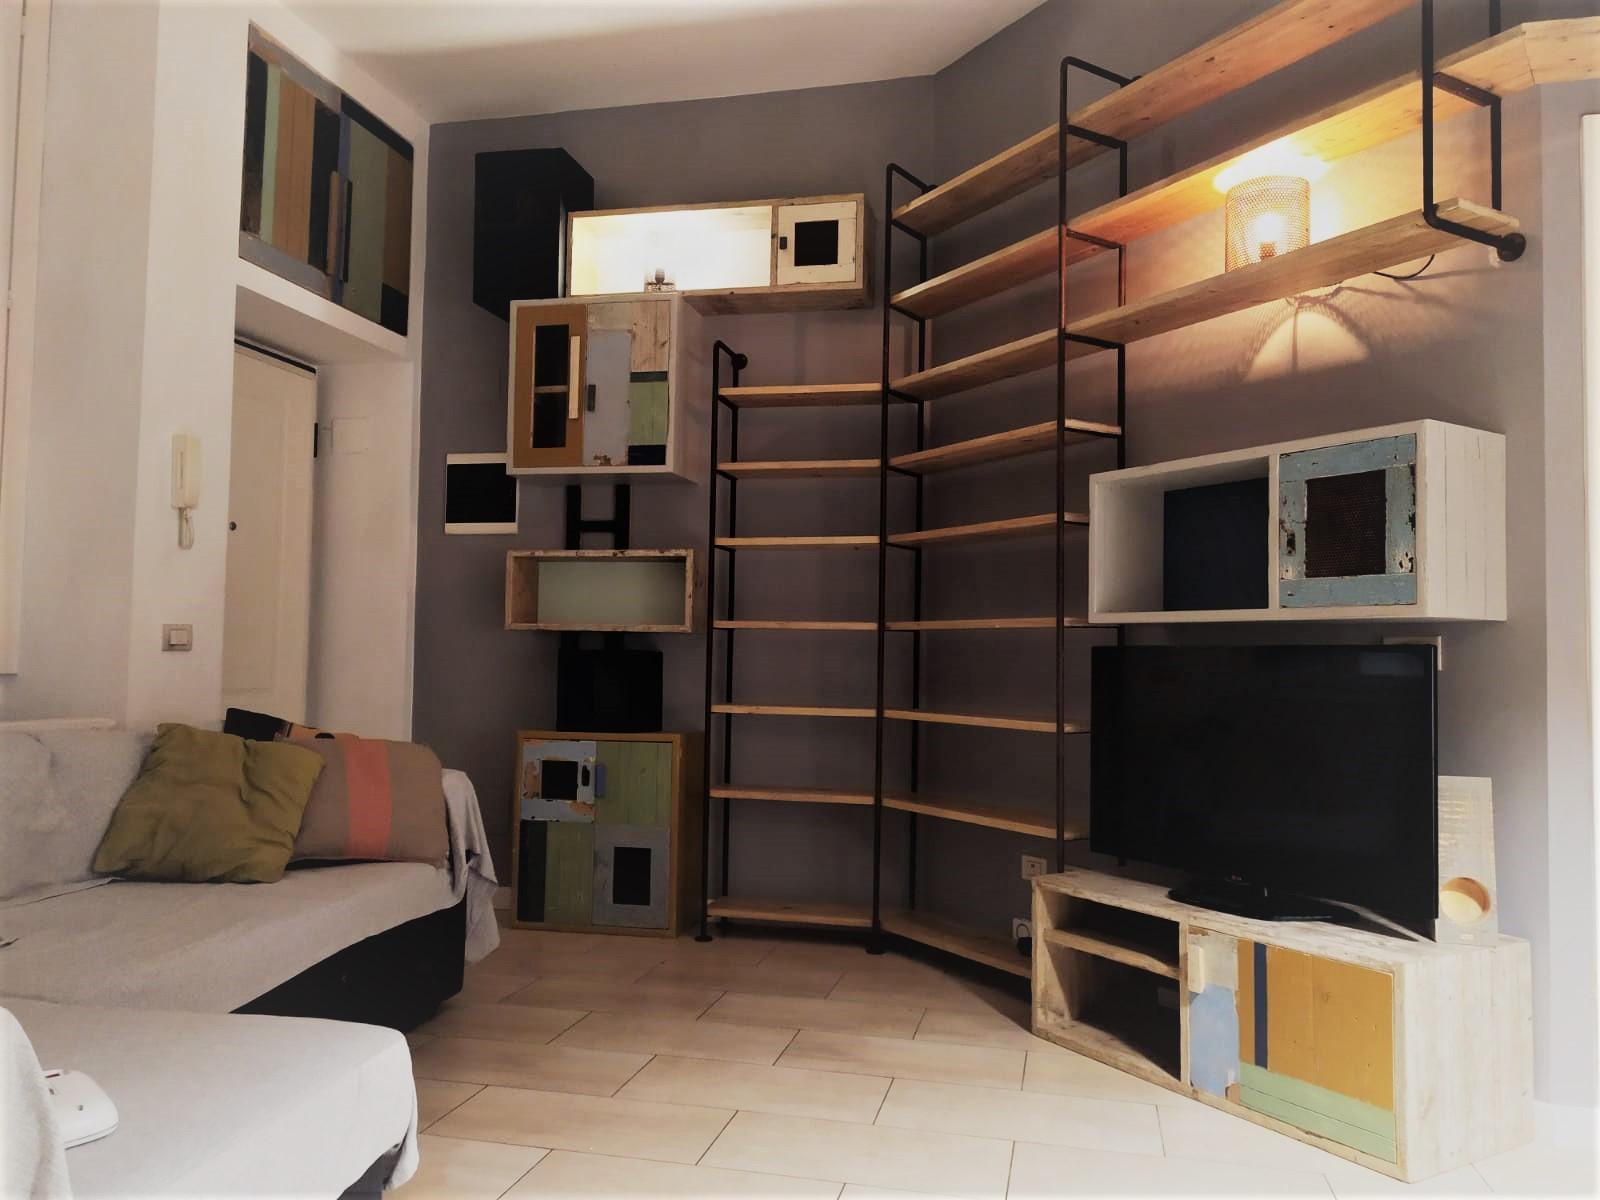 Lo Space Senza Pareti arredare con il ferro e il legno: stile industriale attuale